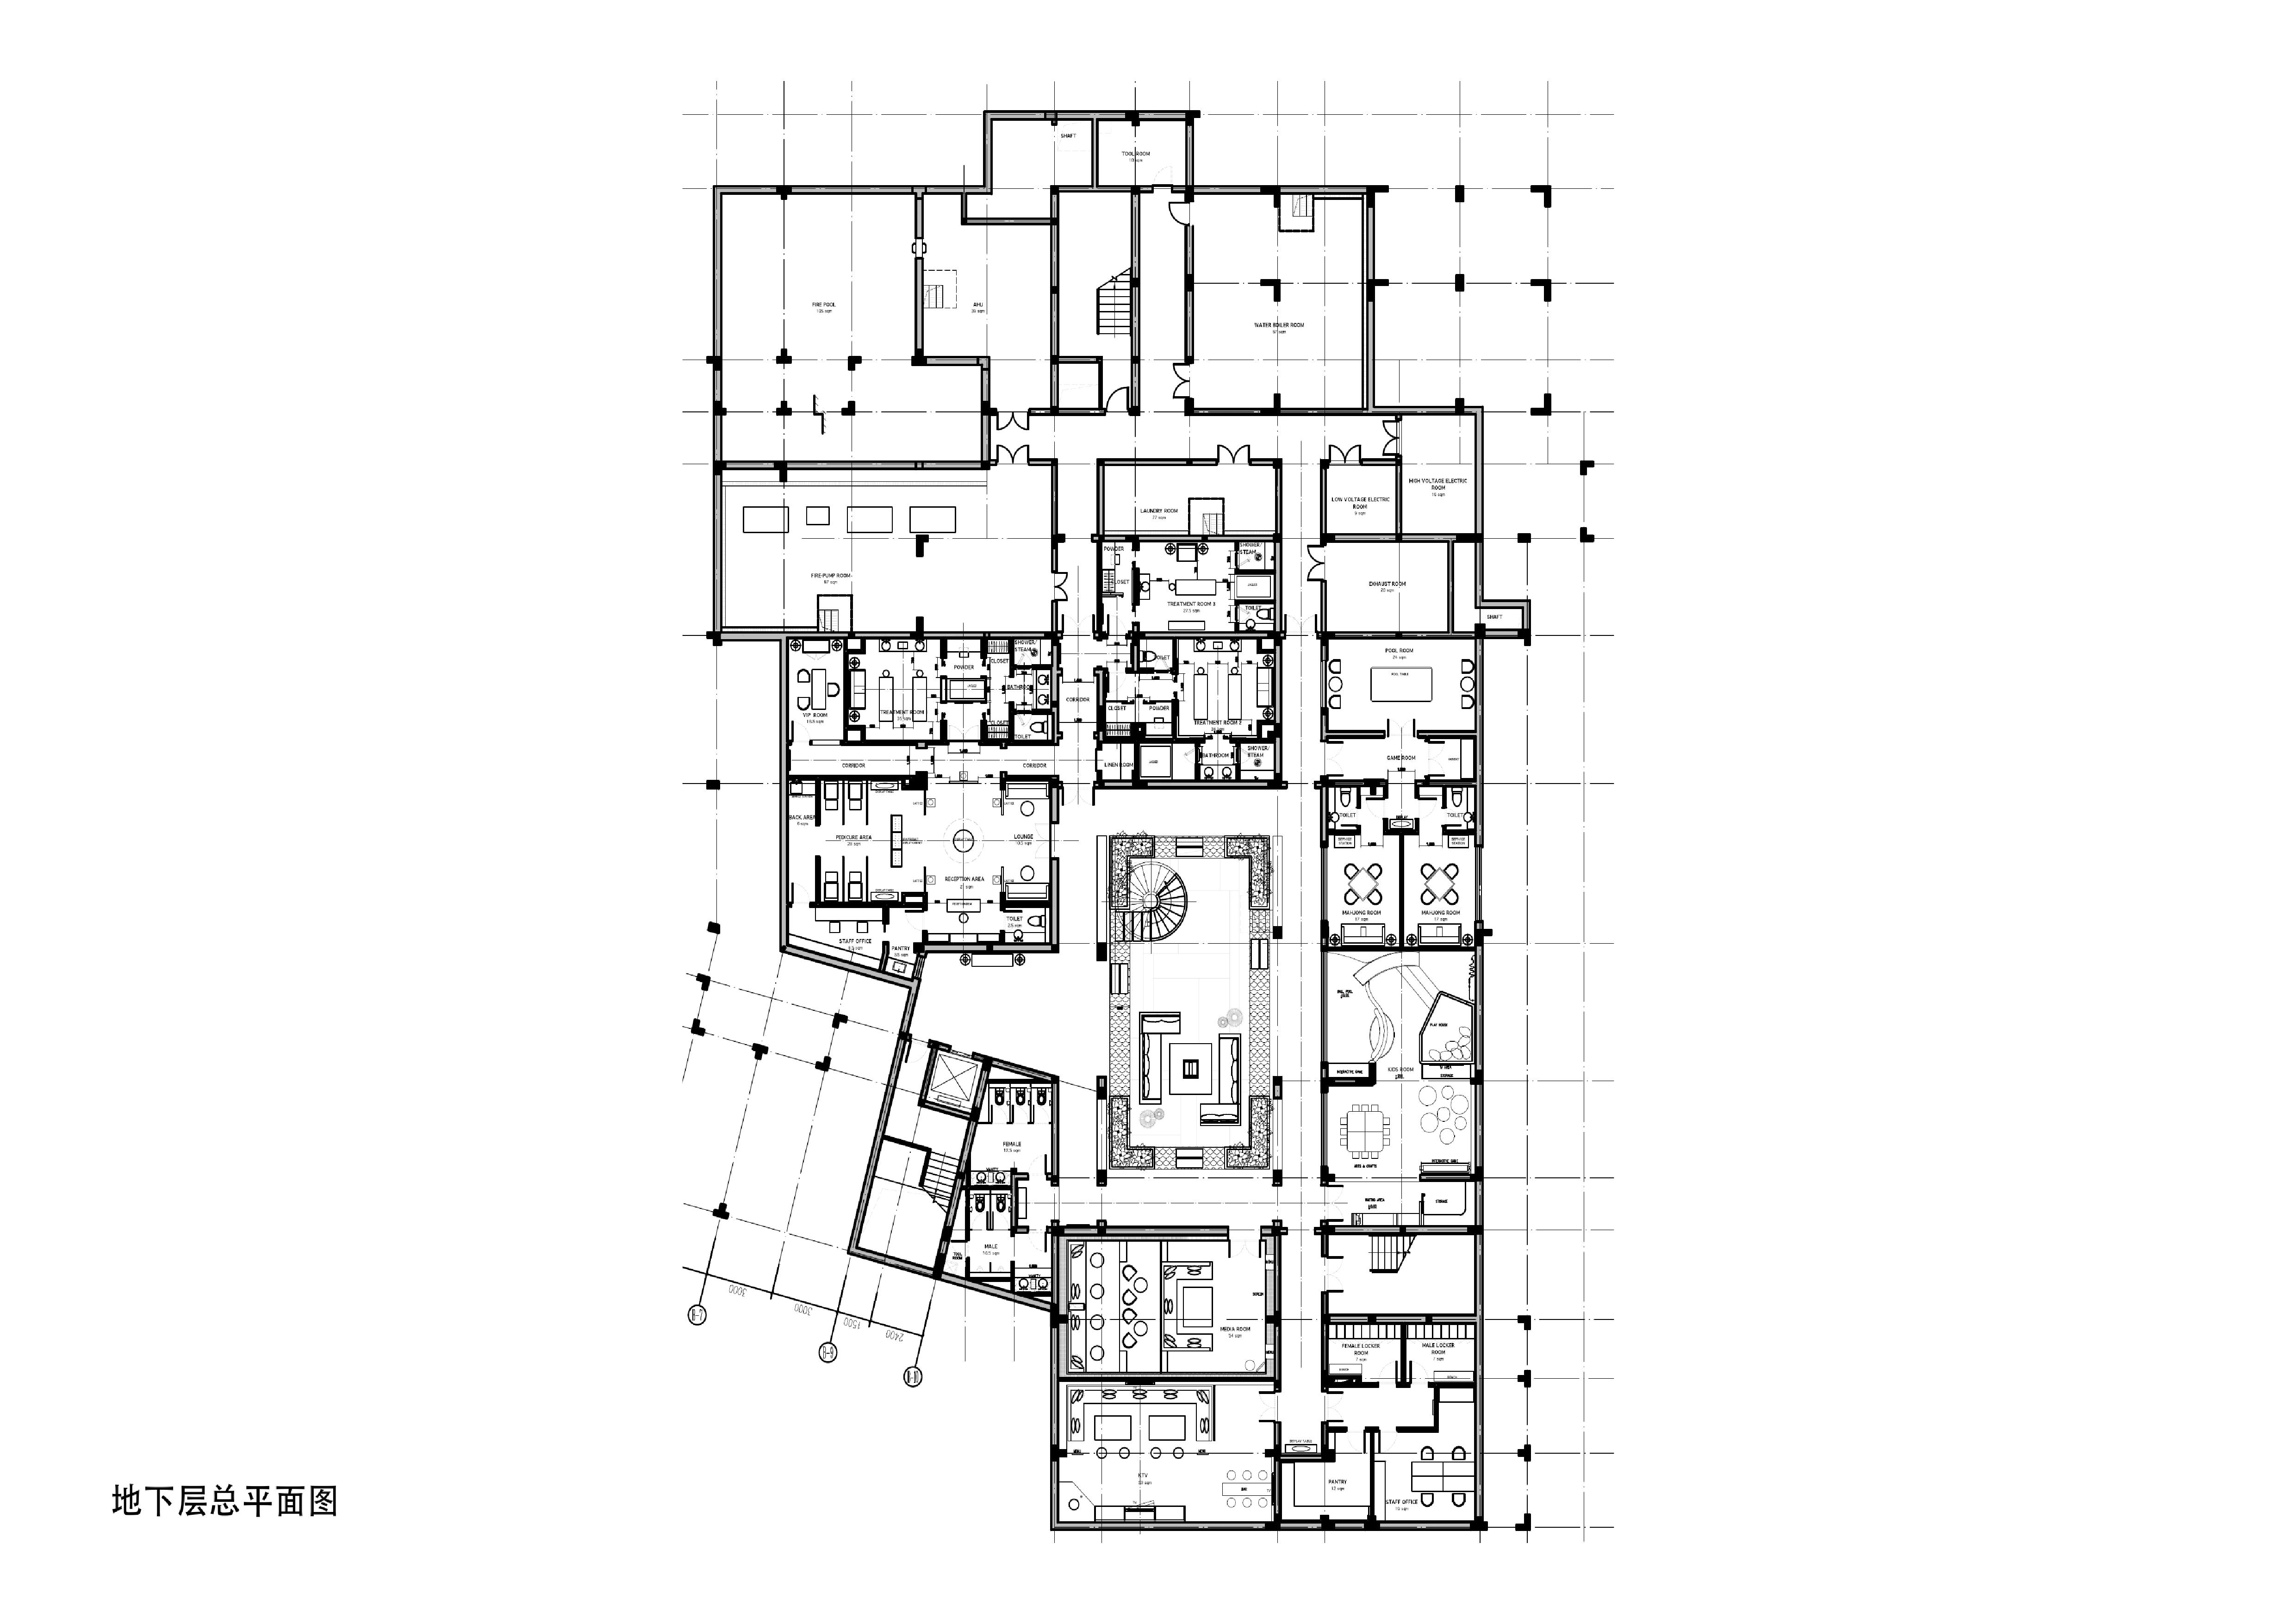 周庄花间堂酒店设计方案+效果图+cad平面图片